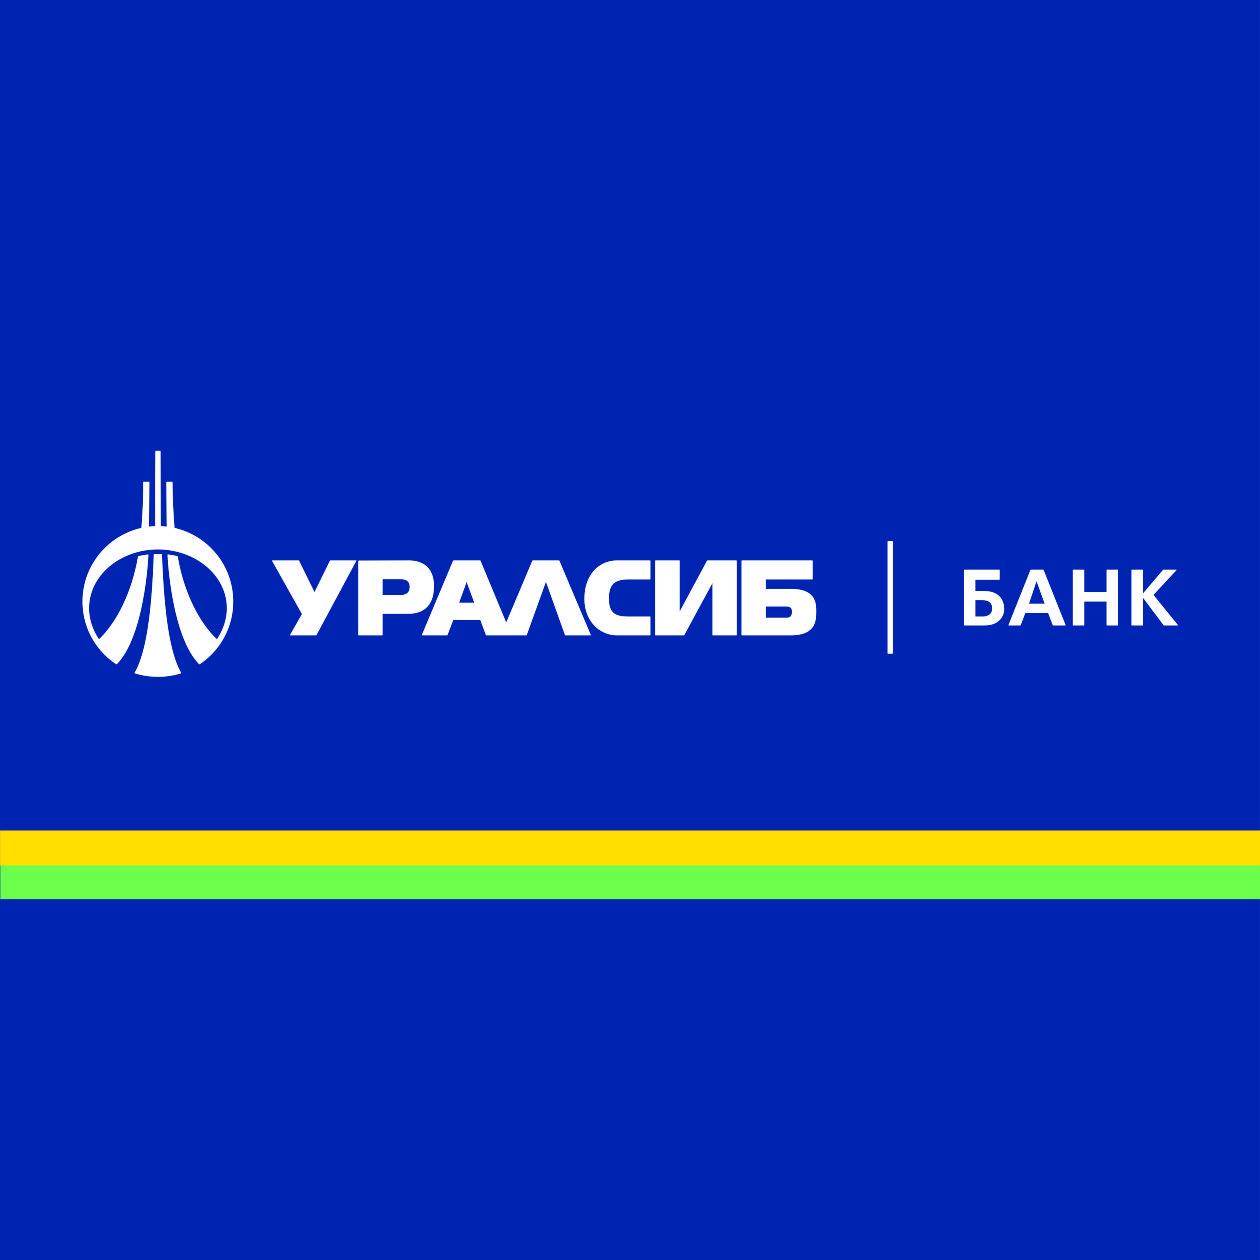 Банк УРАЛСИБ подвел итоги акции «Развивай свой бизнес вместе с Банком УРАЛСИБ»